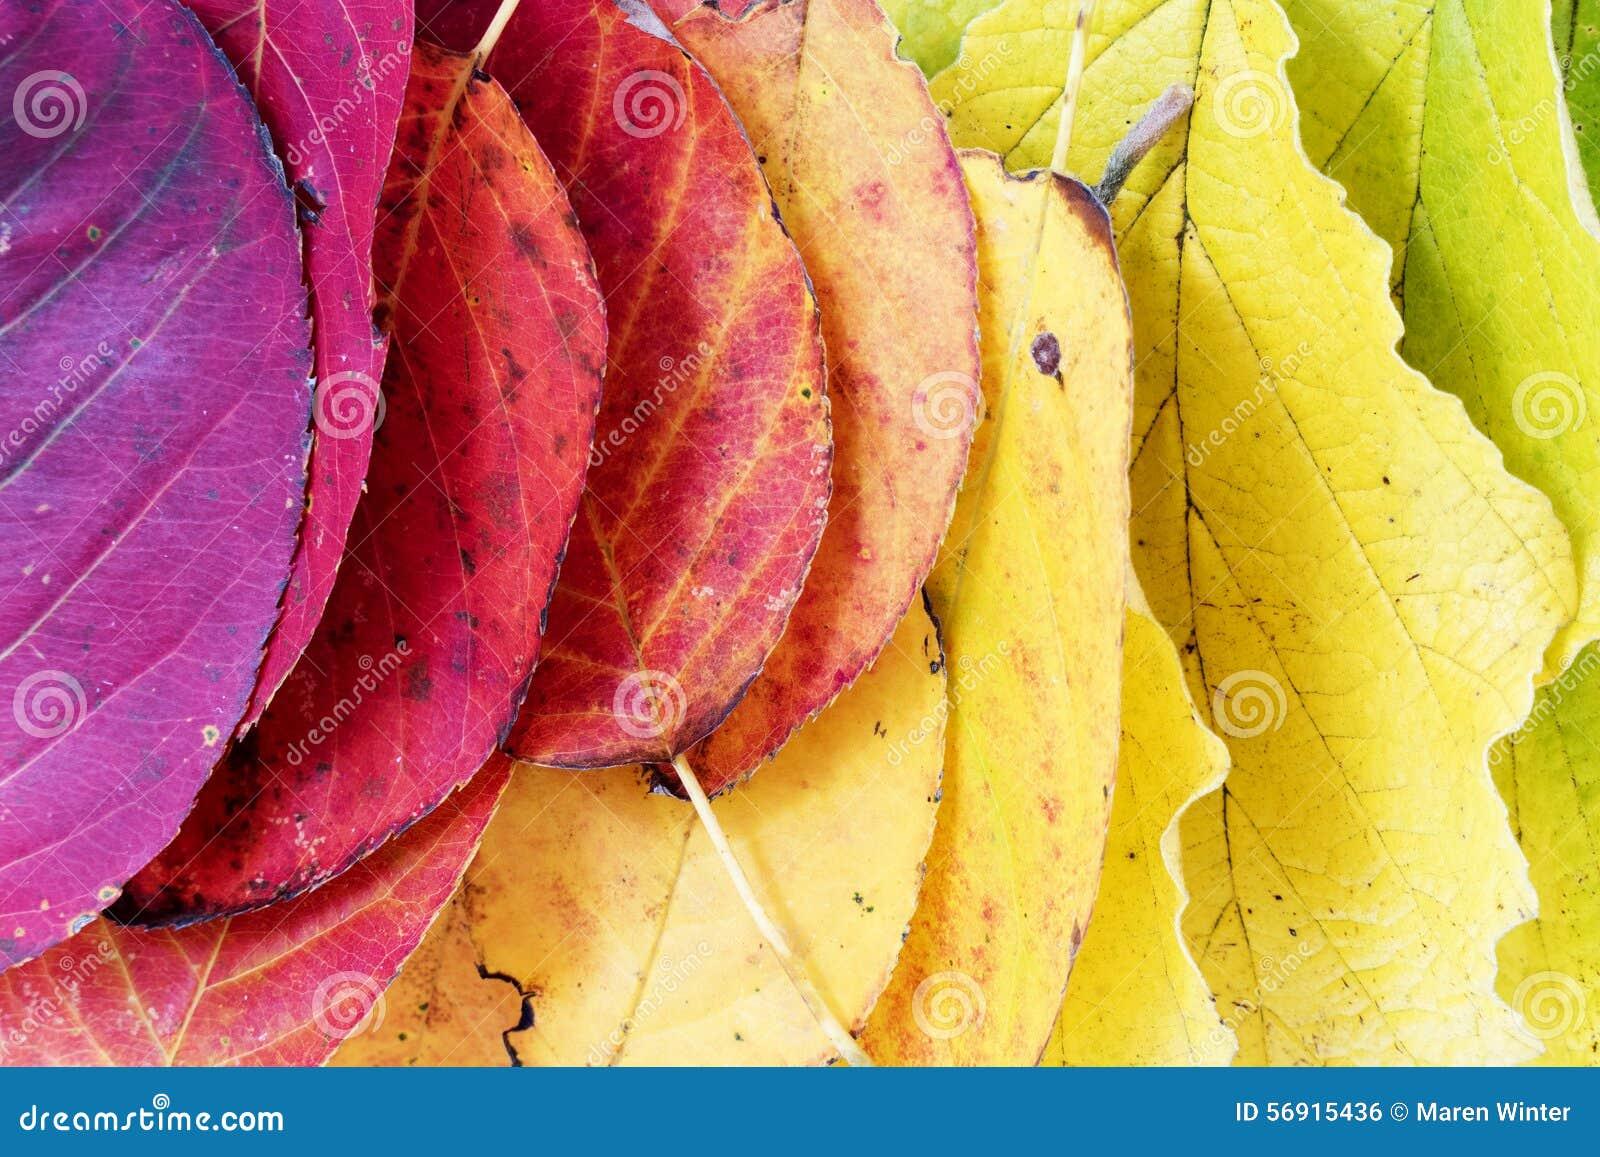 Υπόβαθρο φθινοπώρου, ζωηρόχρωμα φύλλα που τακτοποιούνται ως ουράνιο τόξο